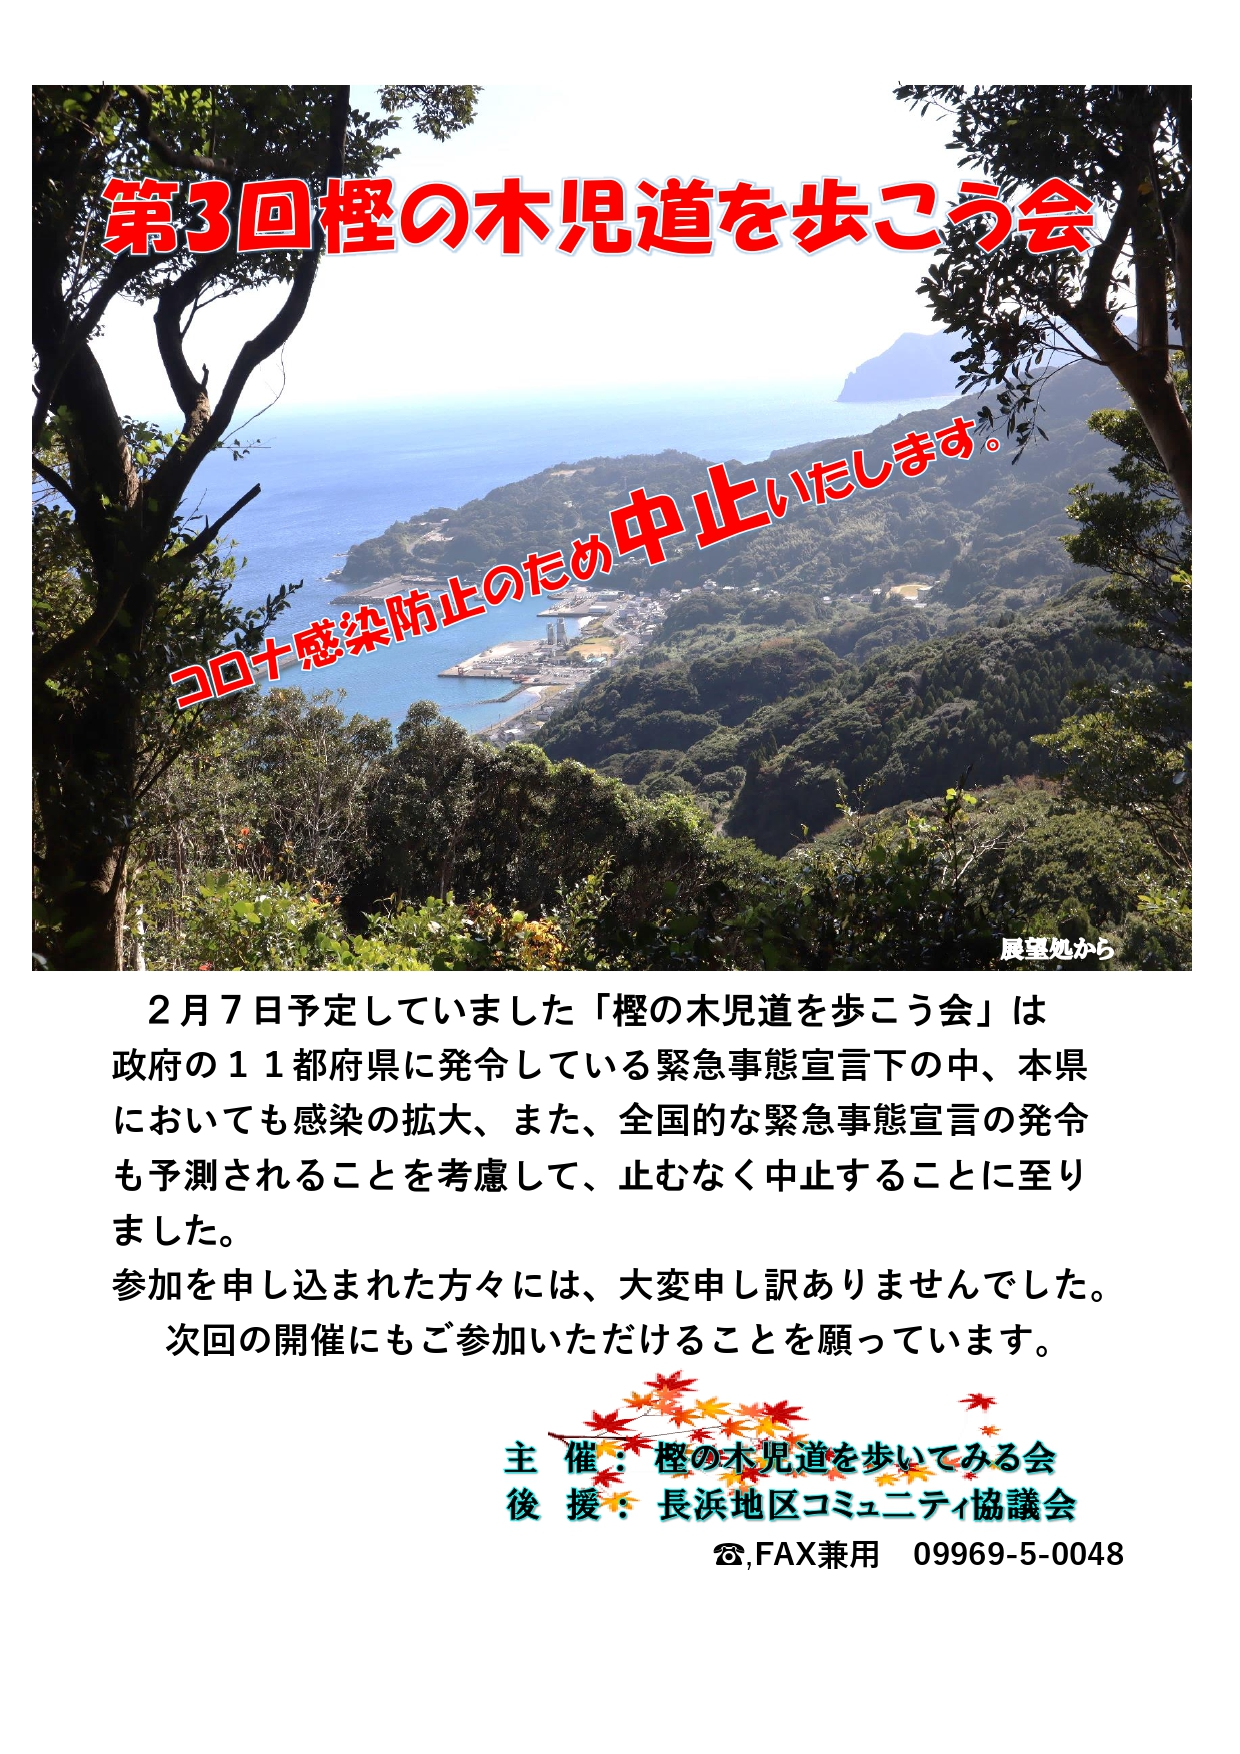 【中止】第3回樫の木児道を歩こう会